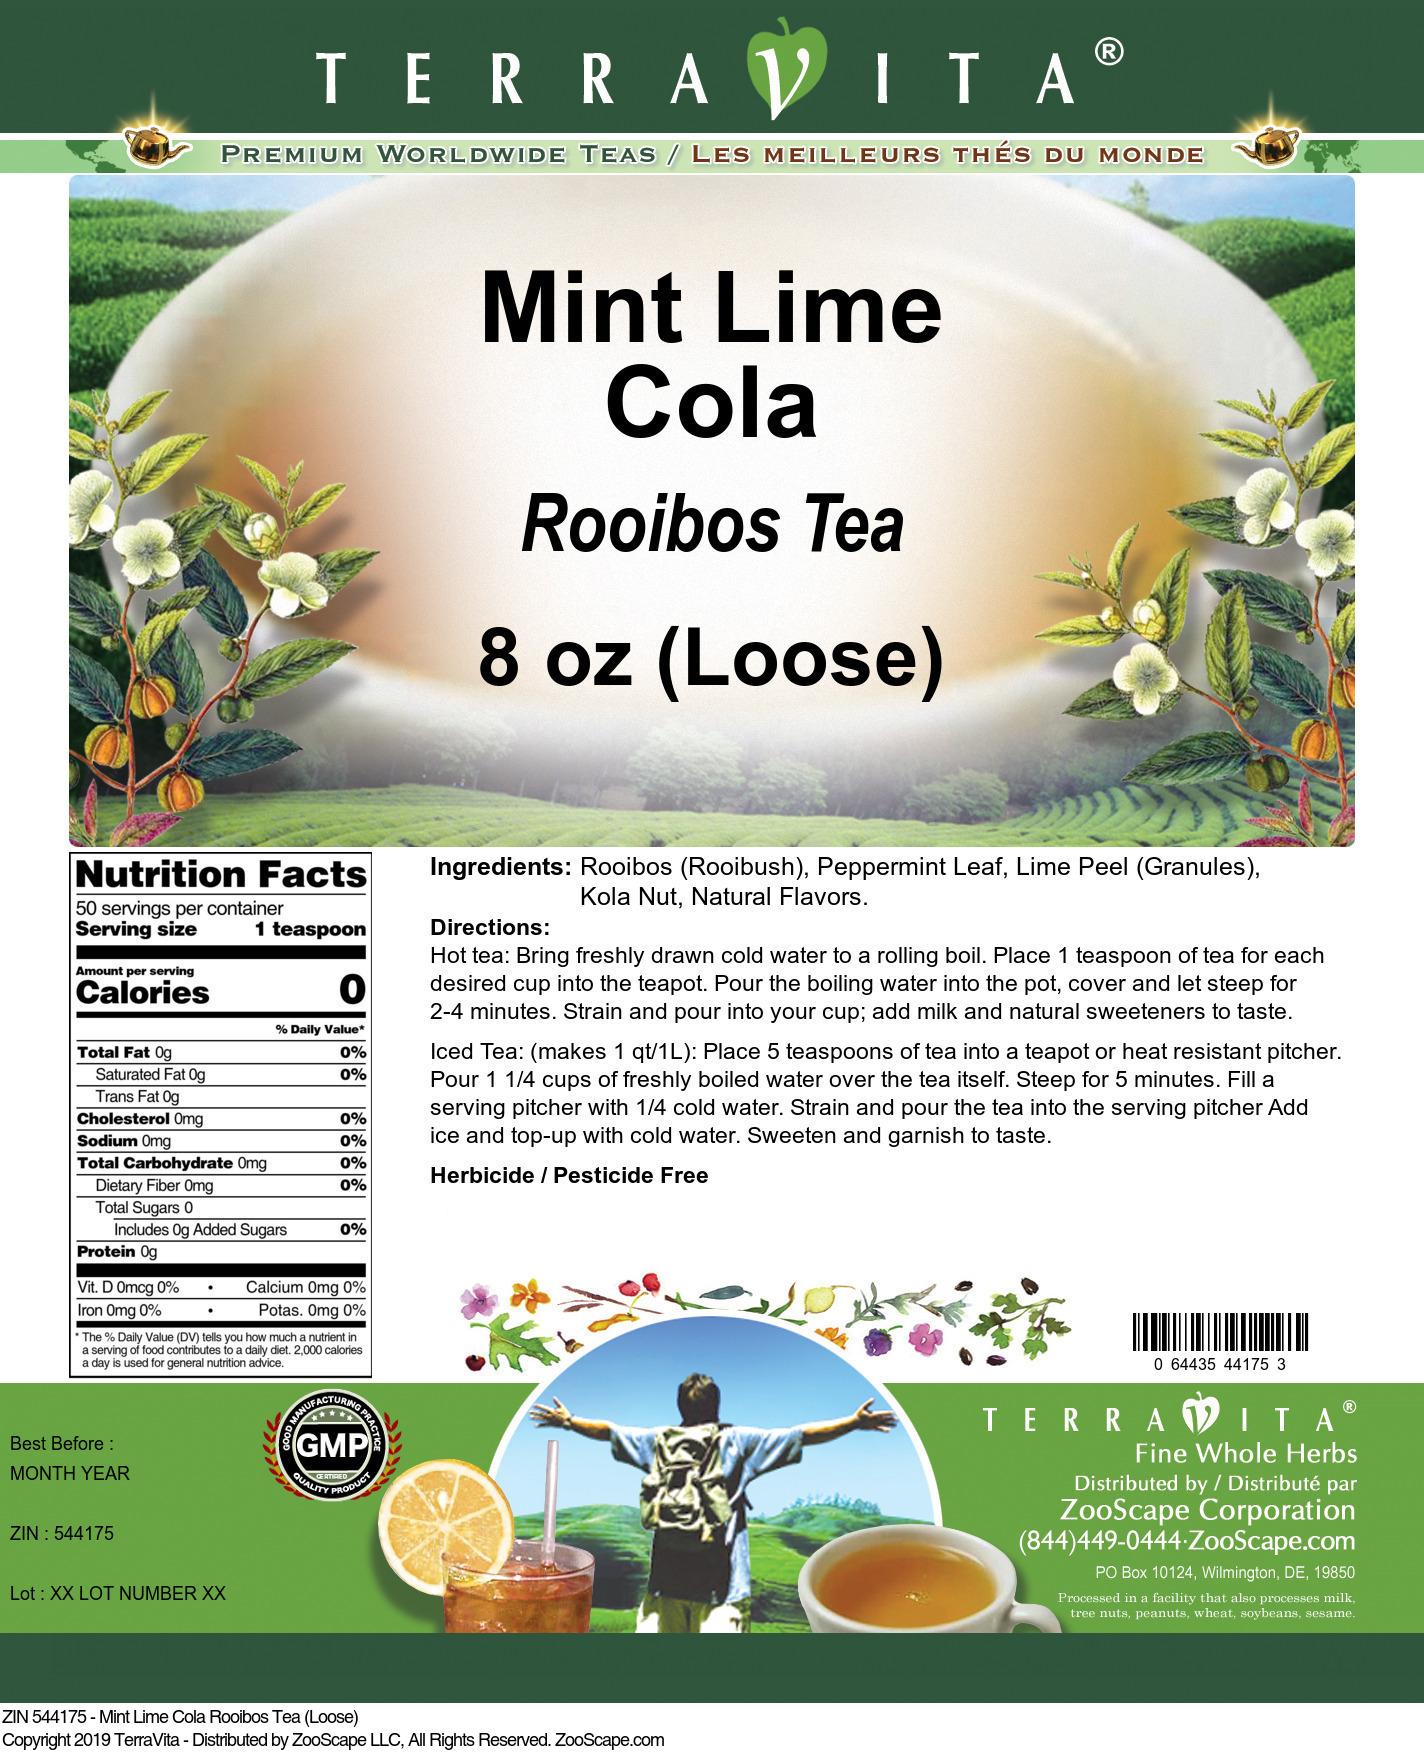 Mint Lime Cola Rooibos Tea